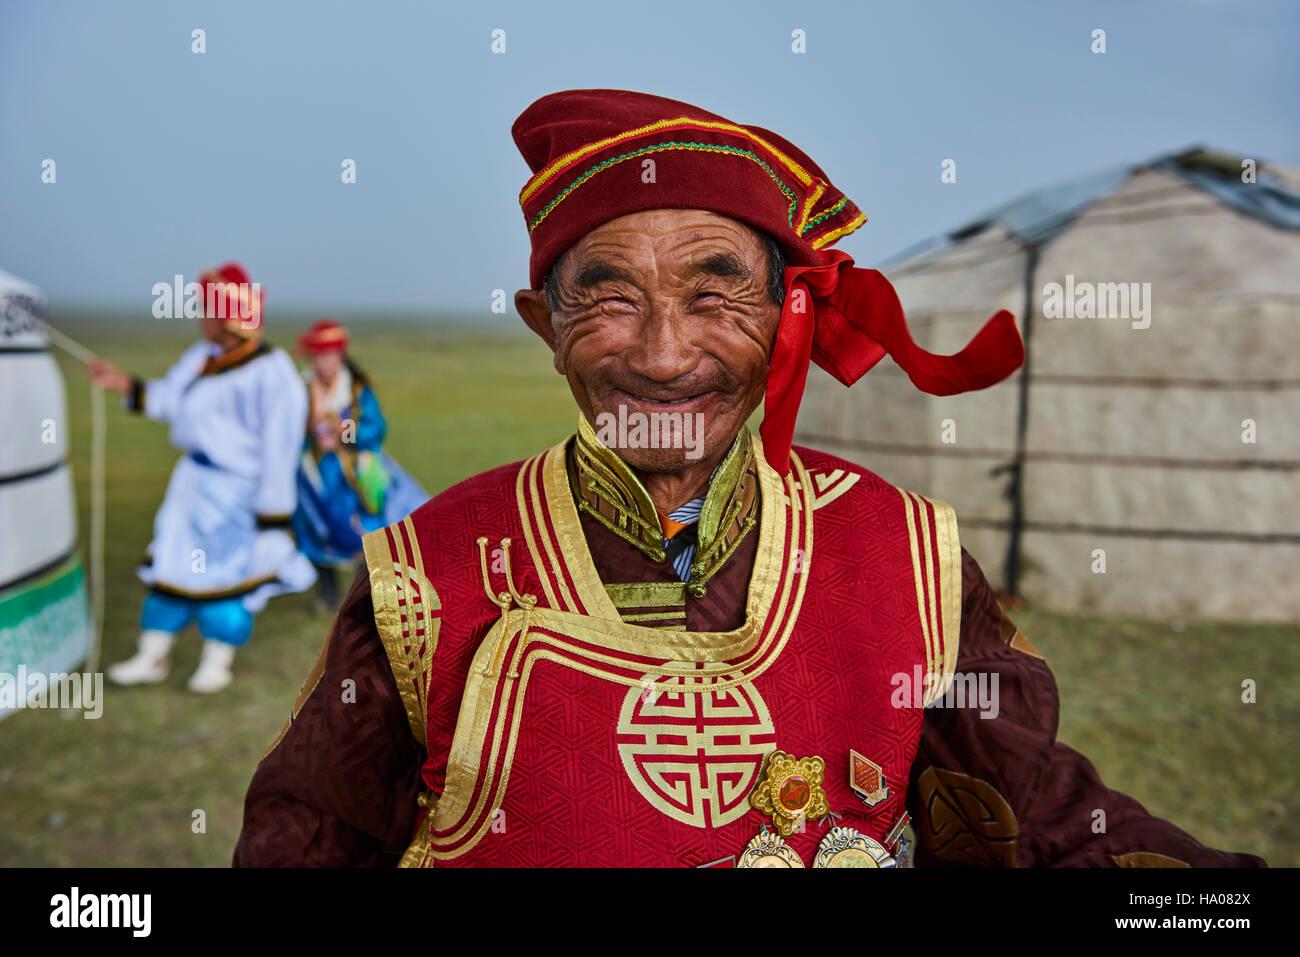 Mongolia, la provincia de Uvs, oeste de Mongolia, Nomad boda en la estepa, el retrato de un anciano de etnia Dorvod Imagen De Stock